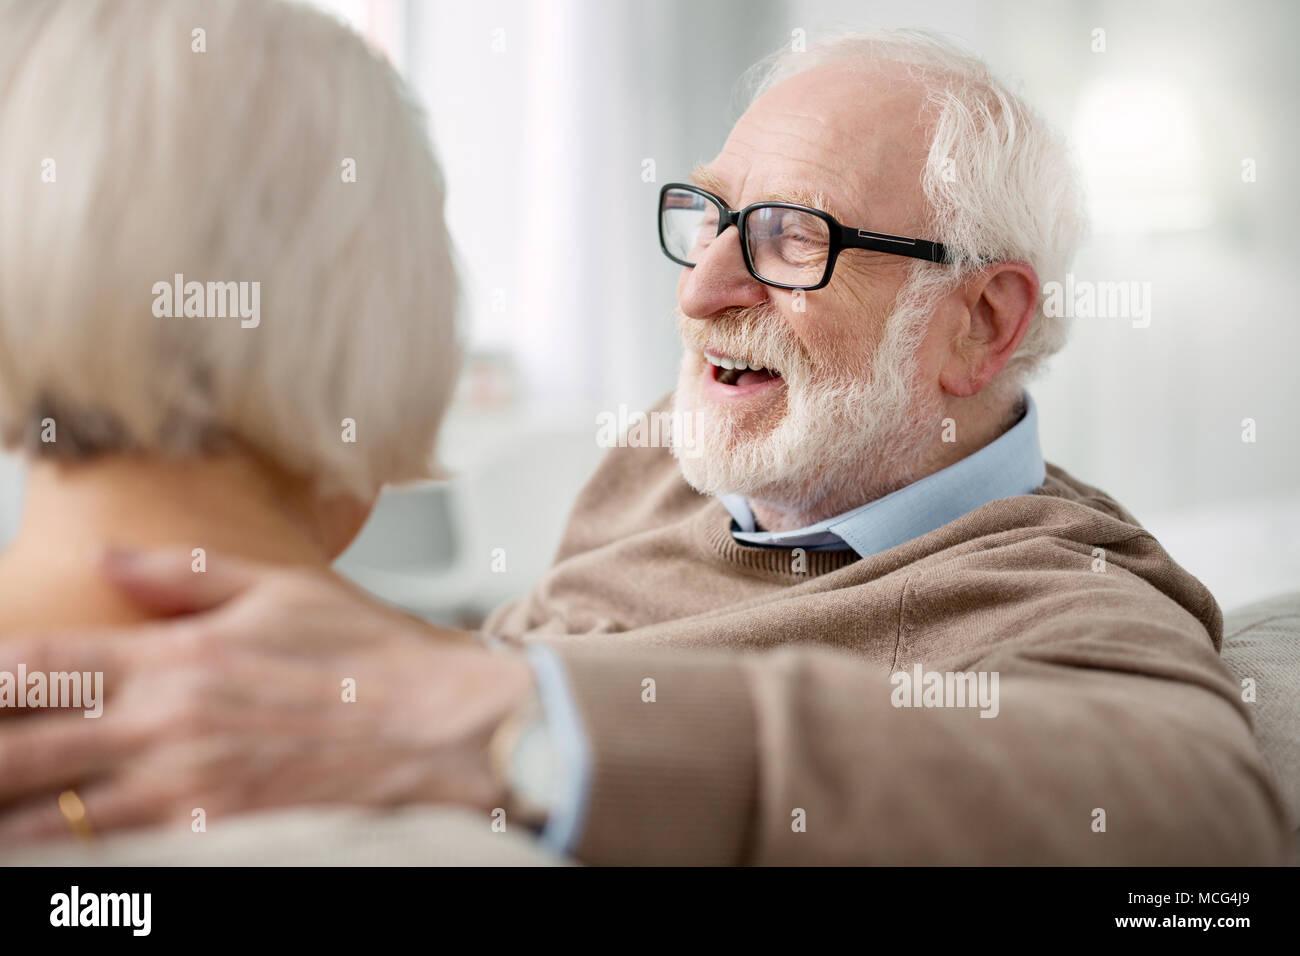 Nice senior man showing his emotions - Stock Image